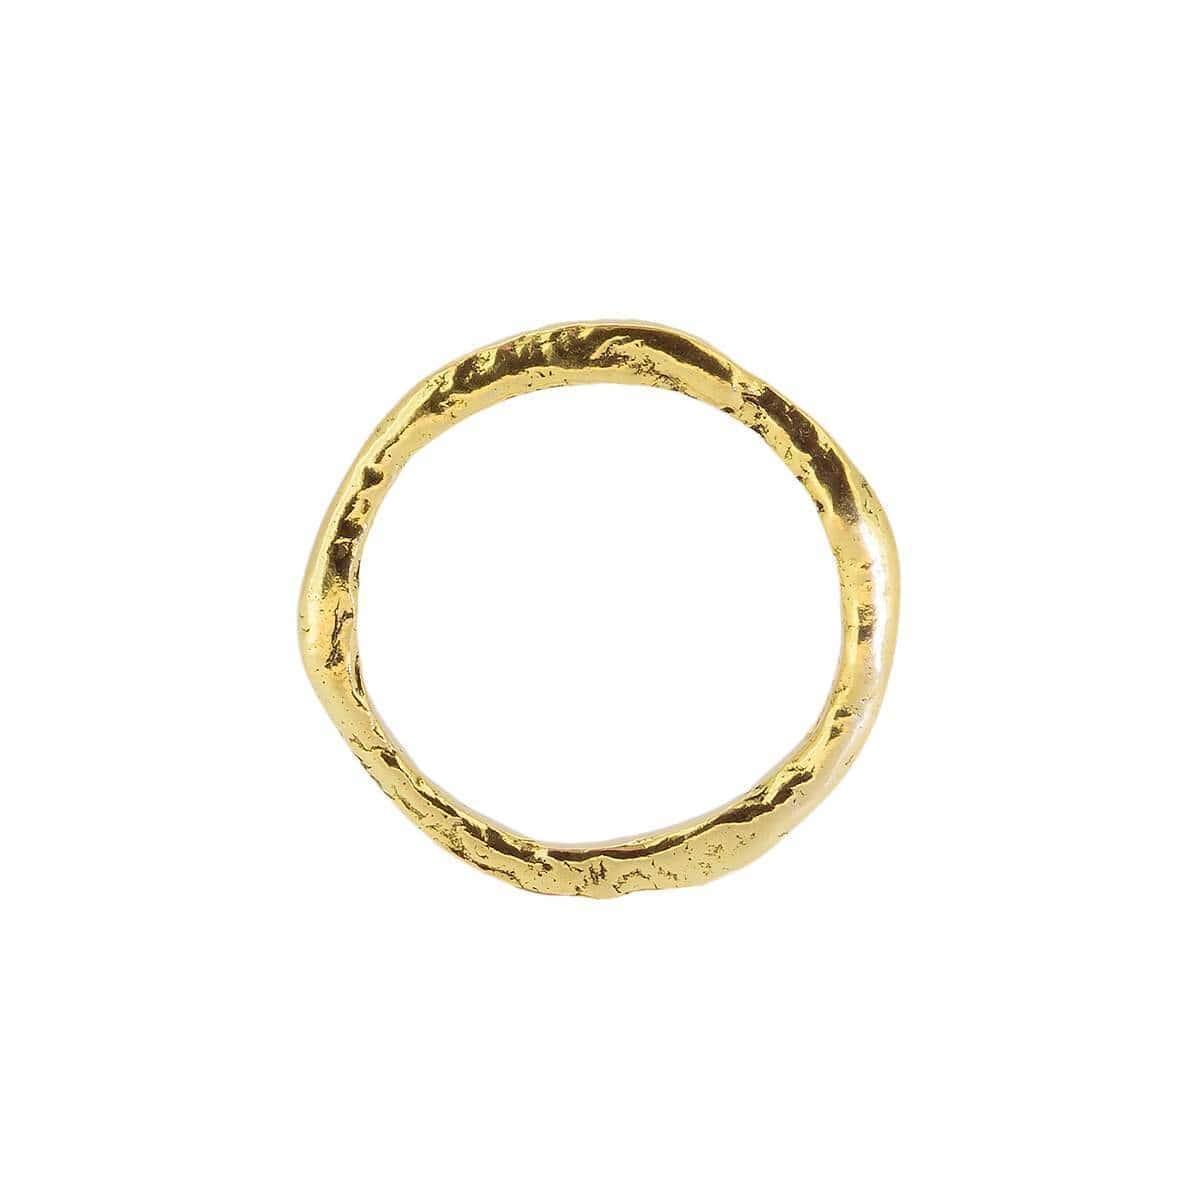 Yeo Yellow Gold Ring